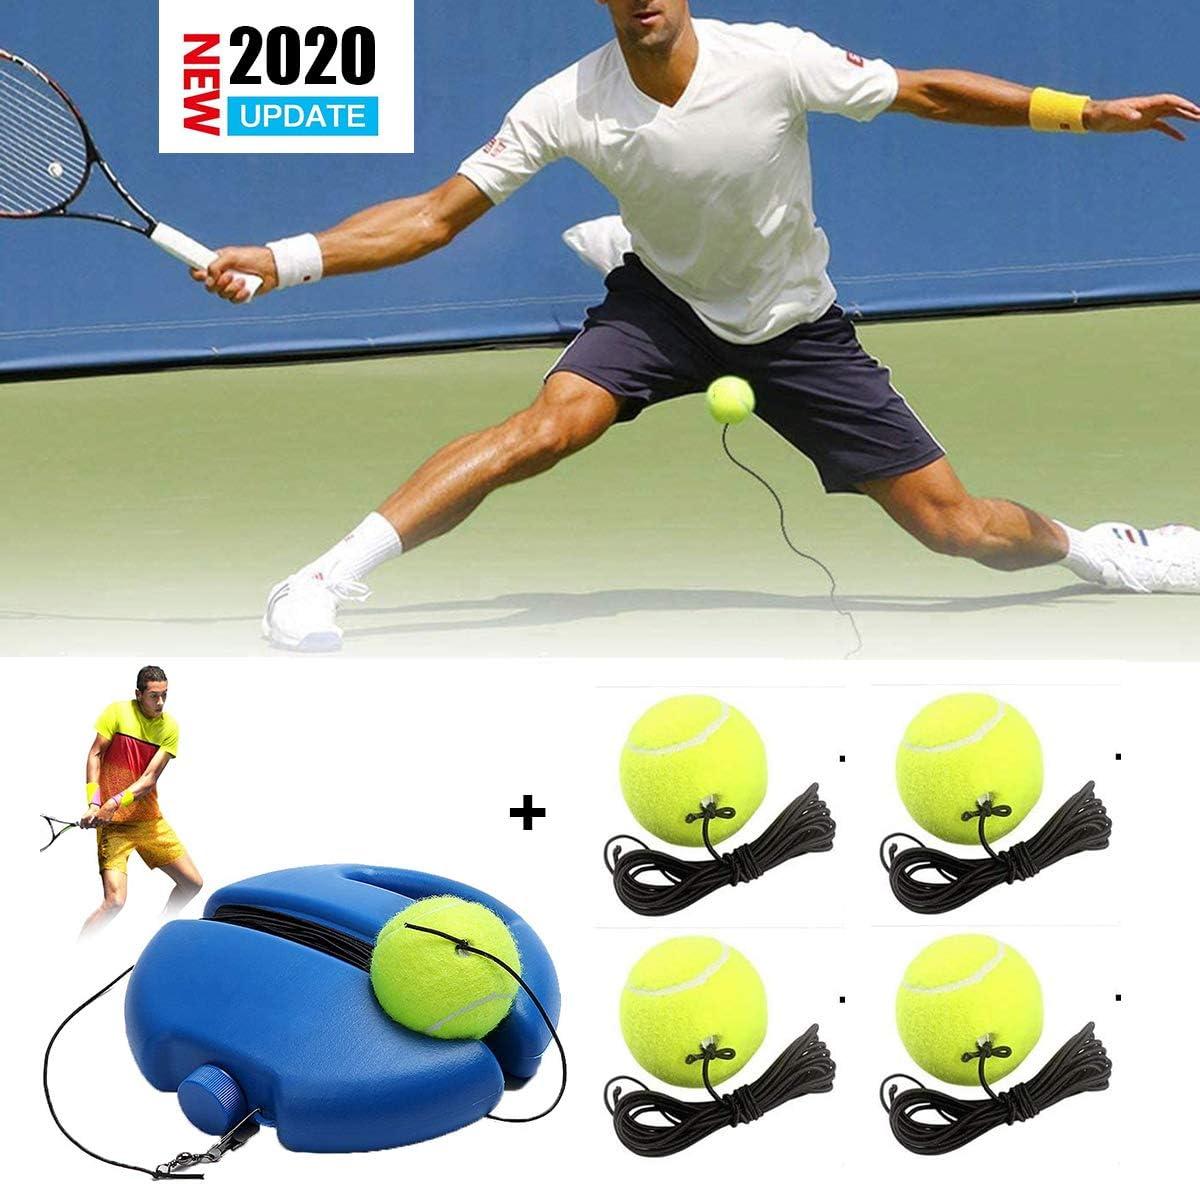 Qinsir Entrenador De Tenis Portátil Equipo Herramienta Práctica Autoaprendizaje Pelota En Solitario Relleno Y Taladro Base con Una Cuerda Jugador Rebote Autoestudio Principiante (Azul)